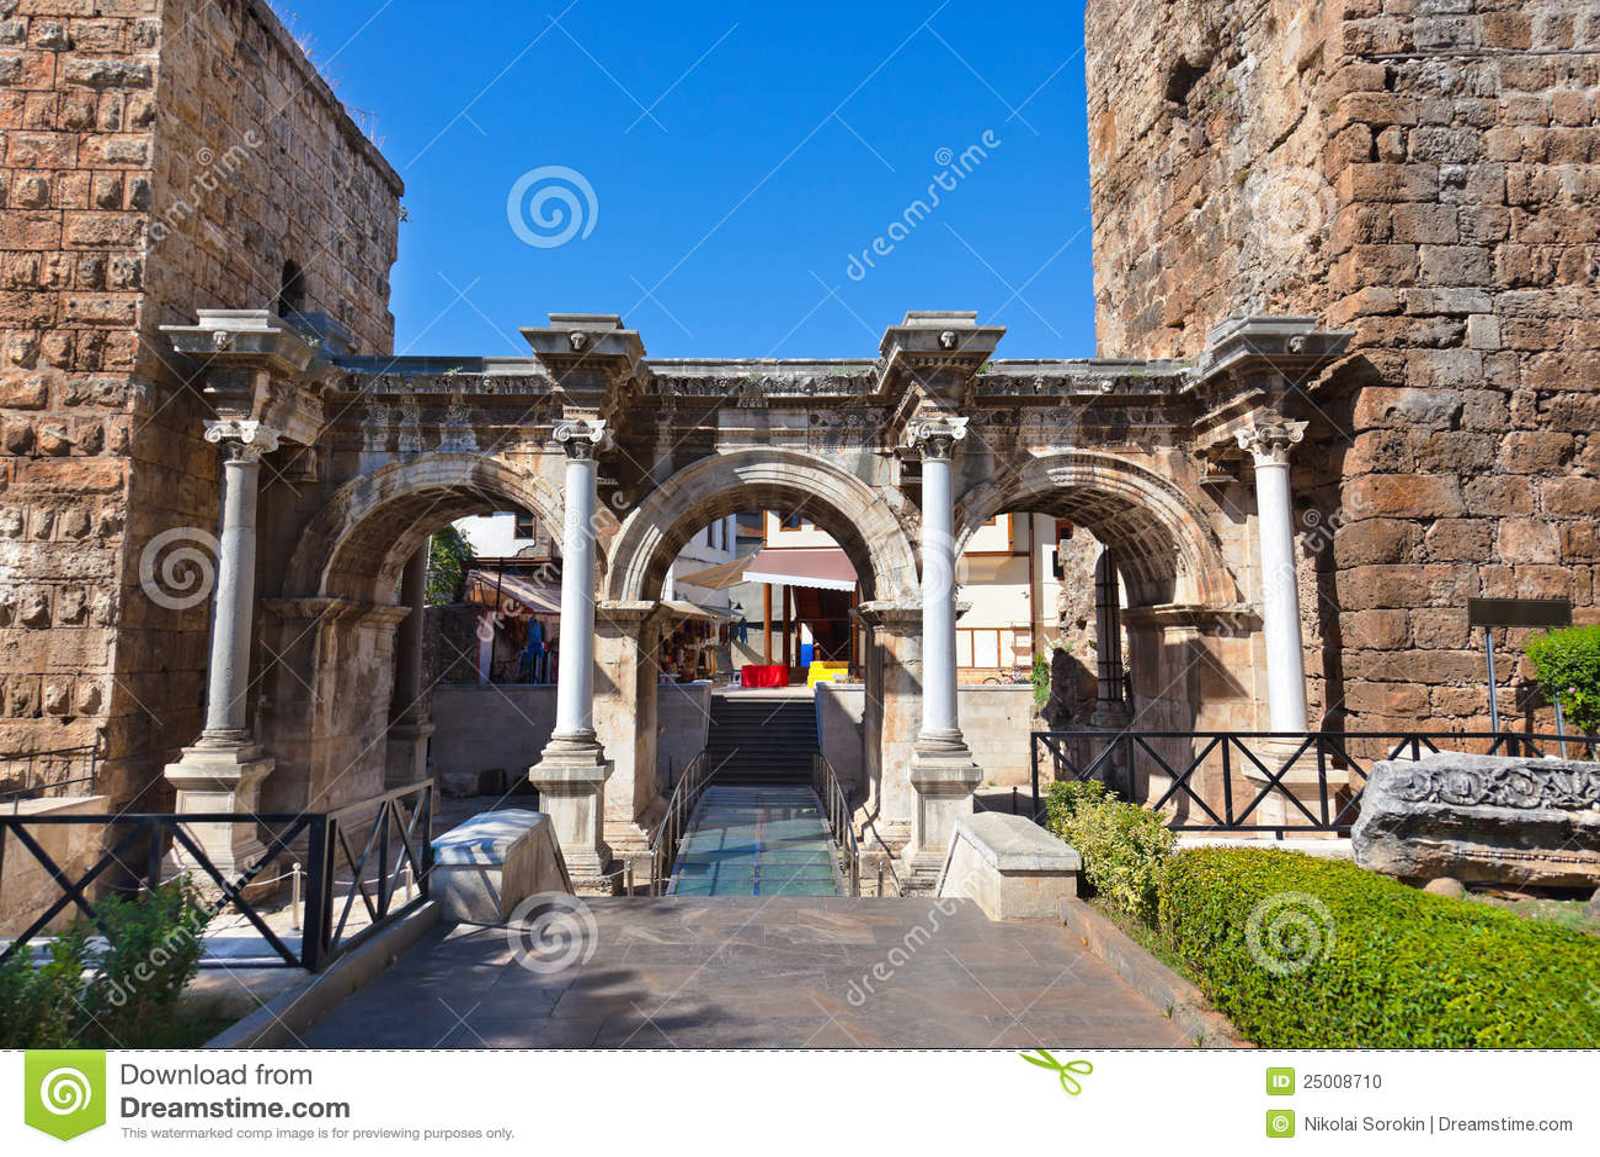 Old Town Kaleici In Antalya Turkey Stock Photo - Image: 25008710